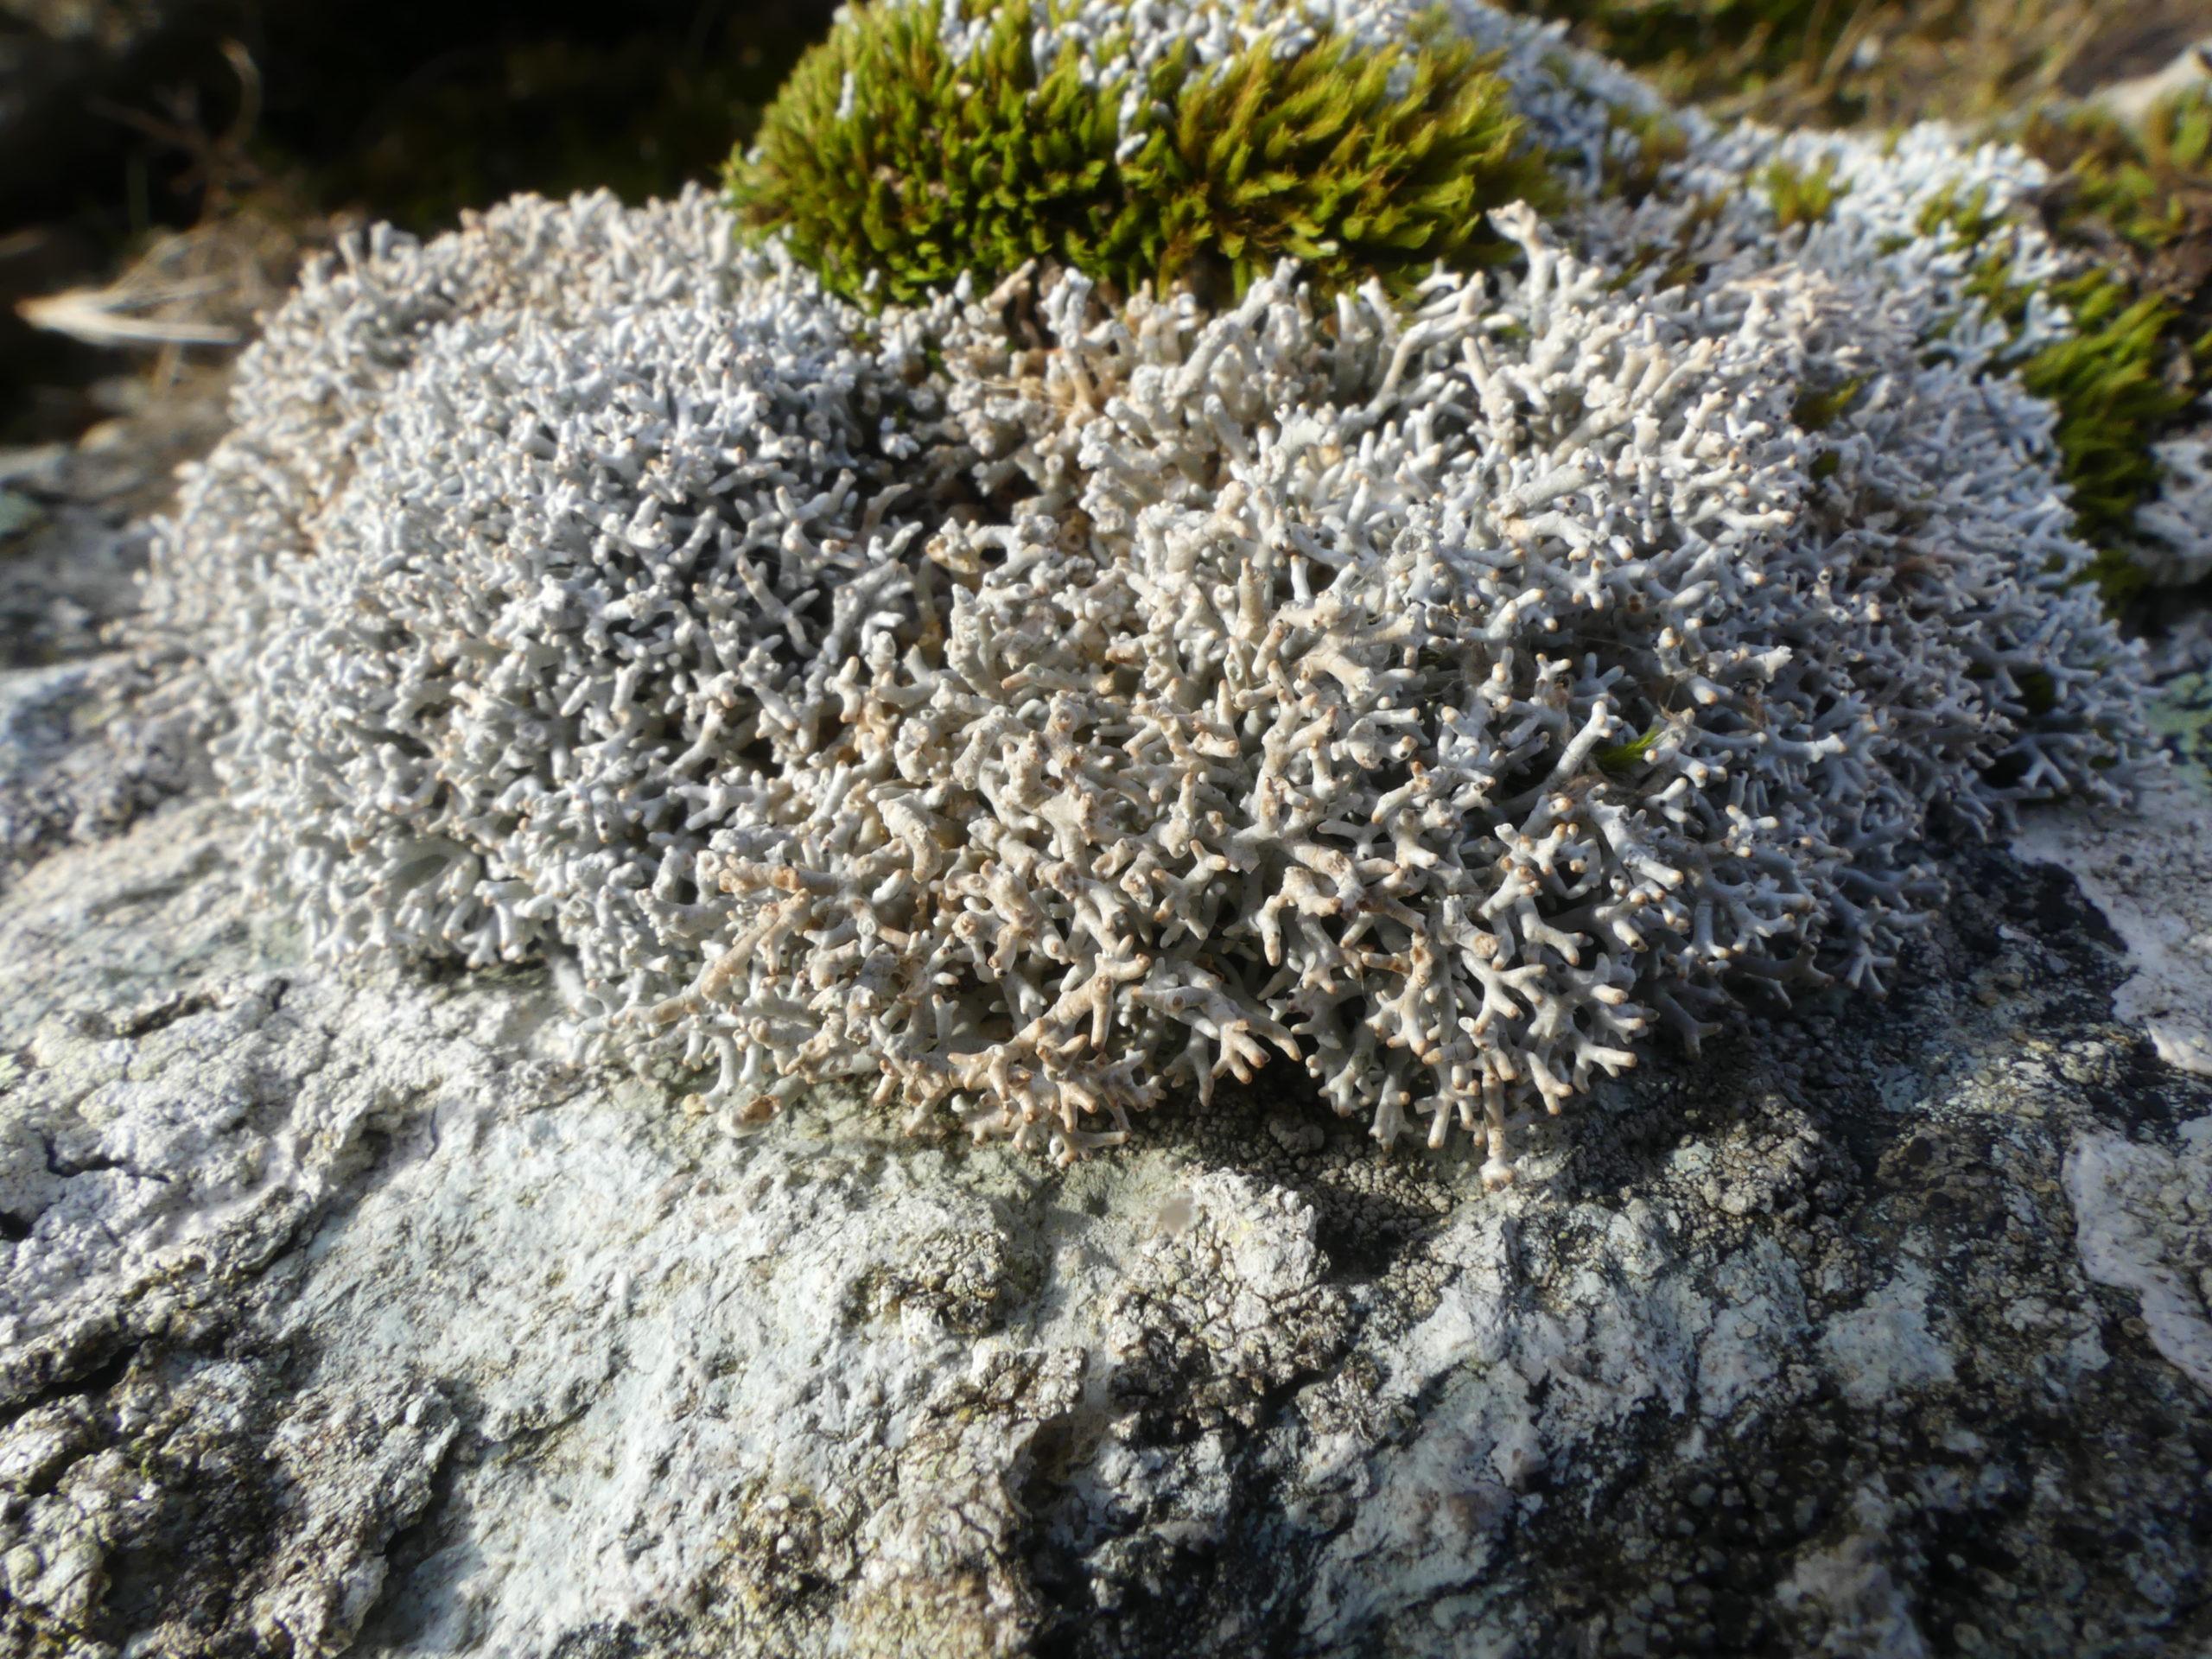 Sphaerophorus fragilis